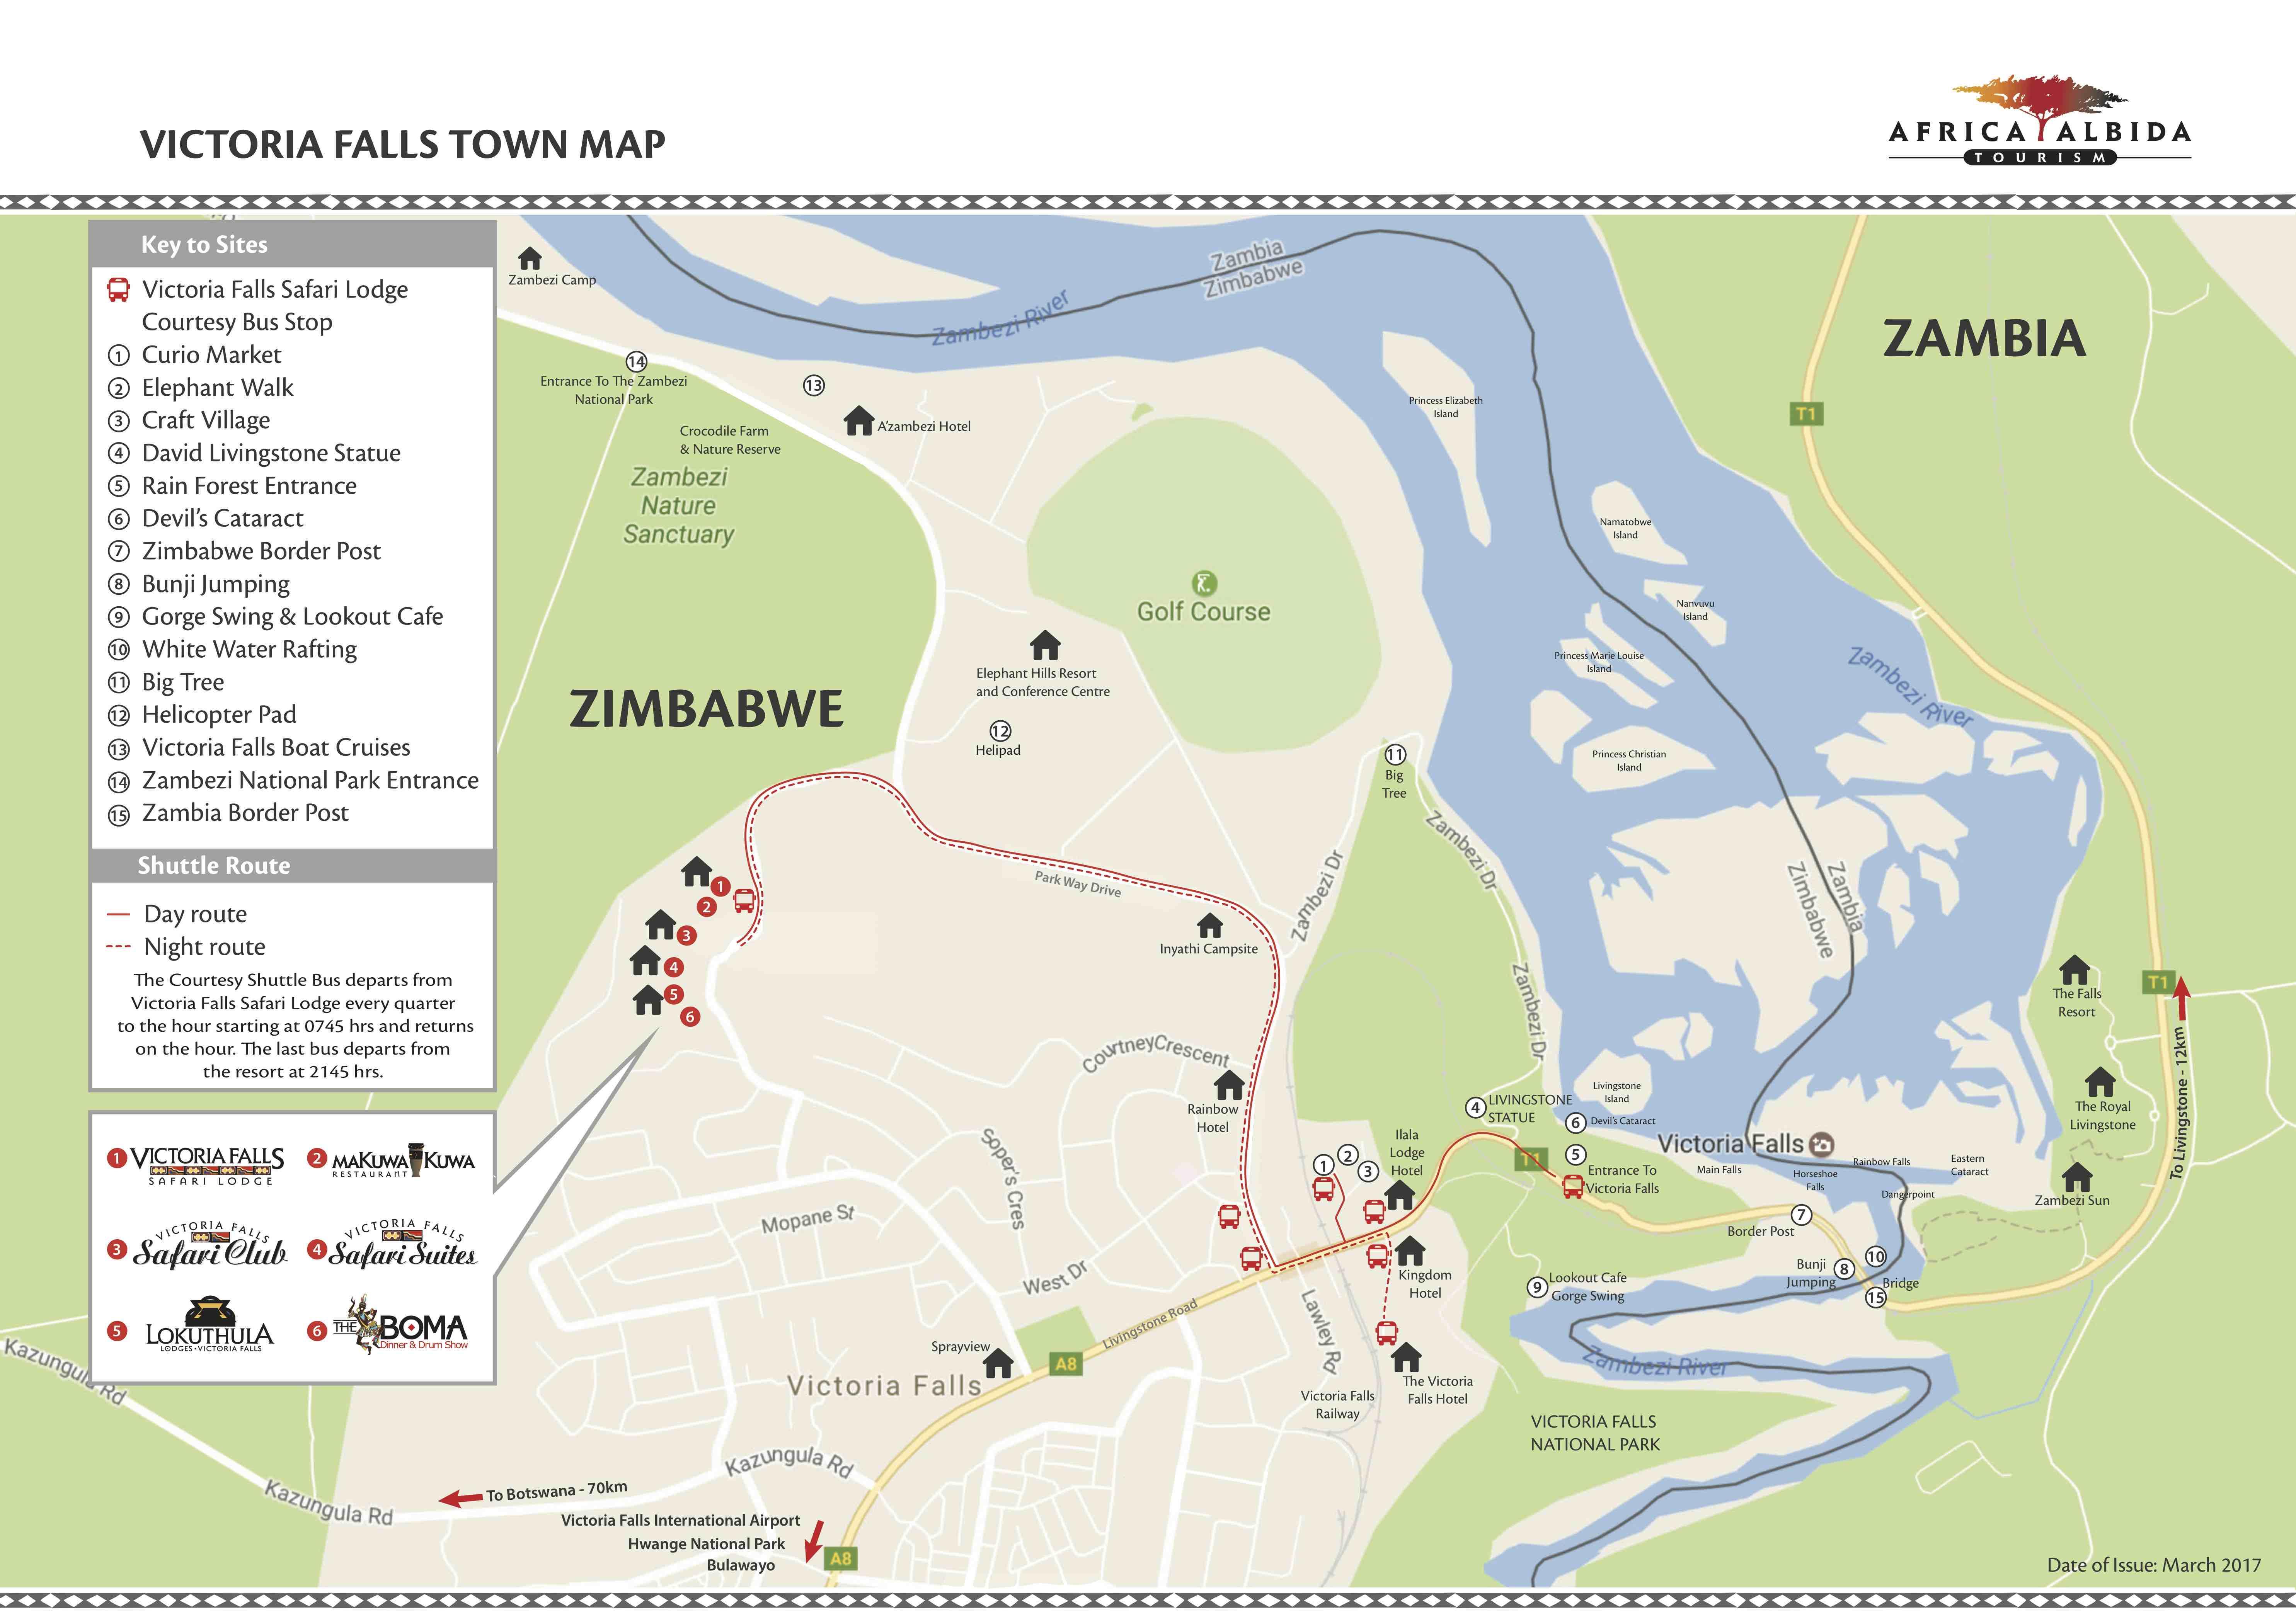 Victoria Falls Town Map Victoria Falls Town Map 2017   Victoria Falls Safari Lodge